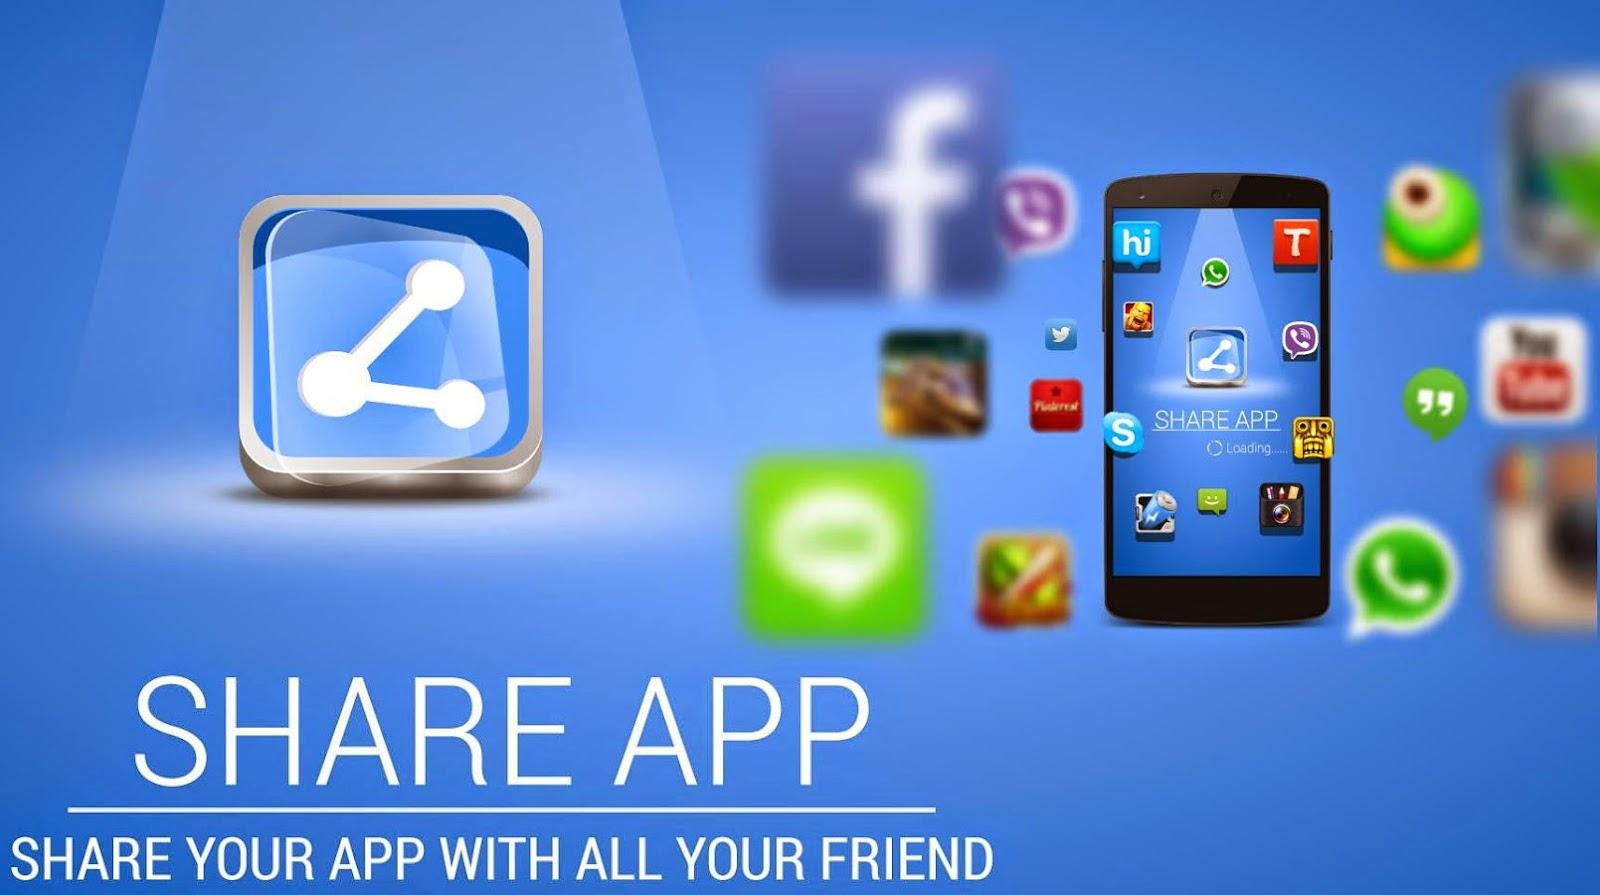 تطبيق Share Apps لإرسل أي تطبيق مثبت على هاتفك إلى أصدقائك مجانا